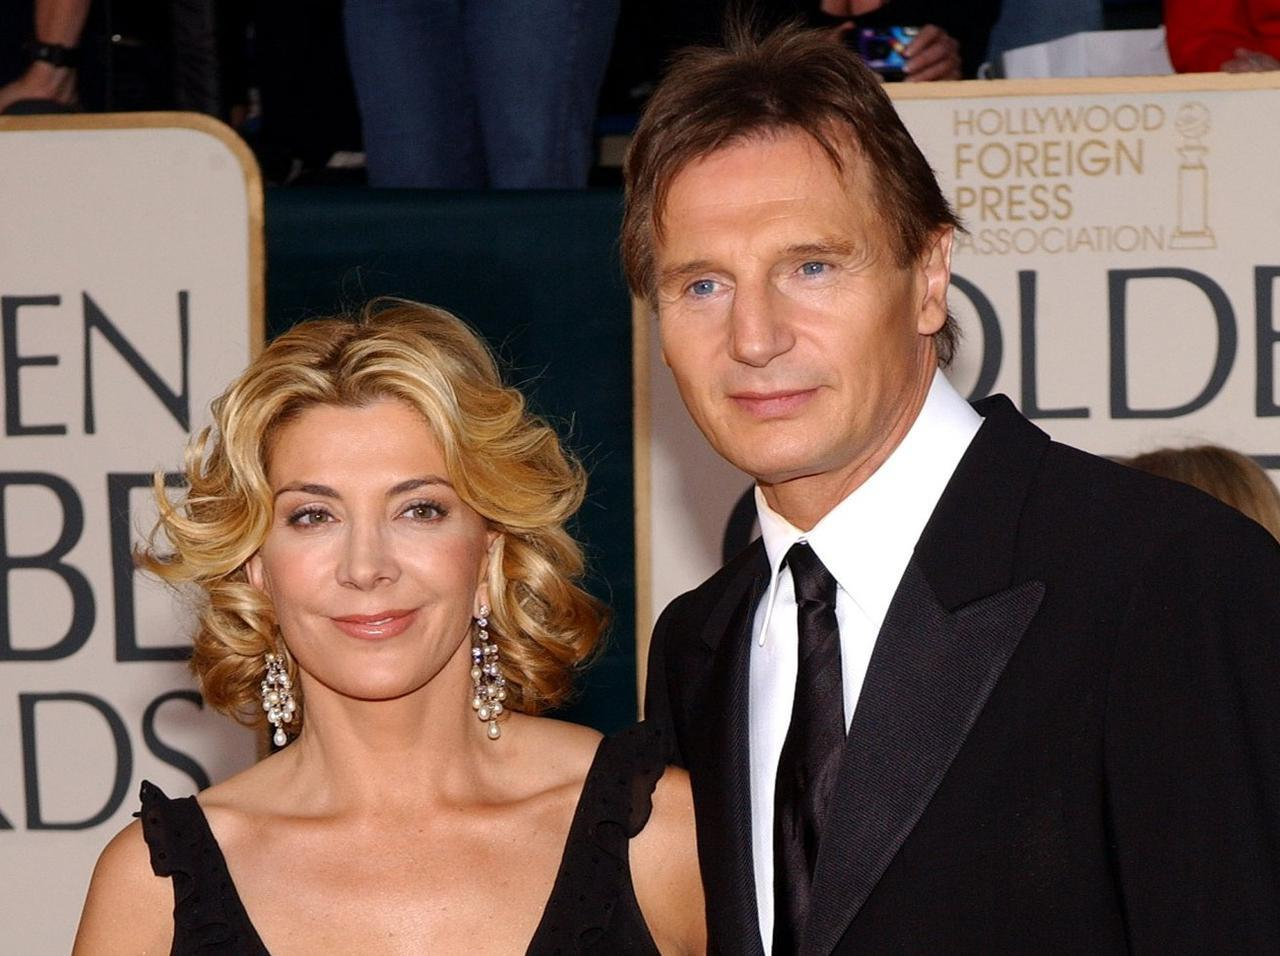 画像: 『007』でジェームズ・ボンドを演じたら「結婚しない」、あの有名俳優がオファーを蹴ったワケ - フロントロウ -海外セレブ&海外カルチャー情報を発信